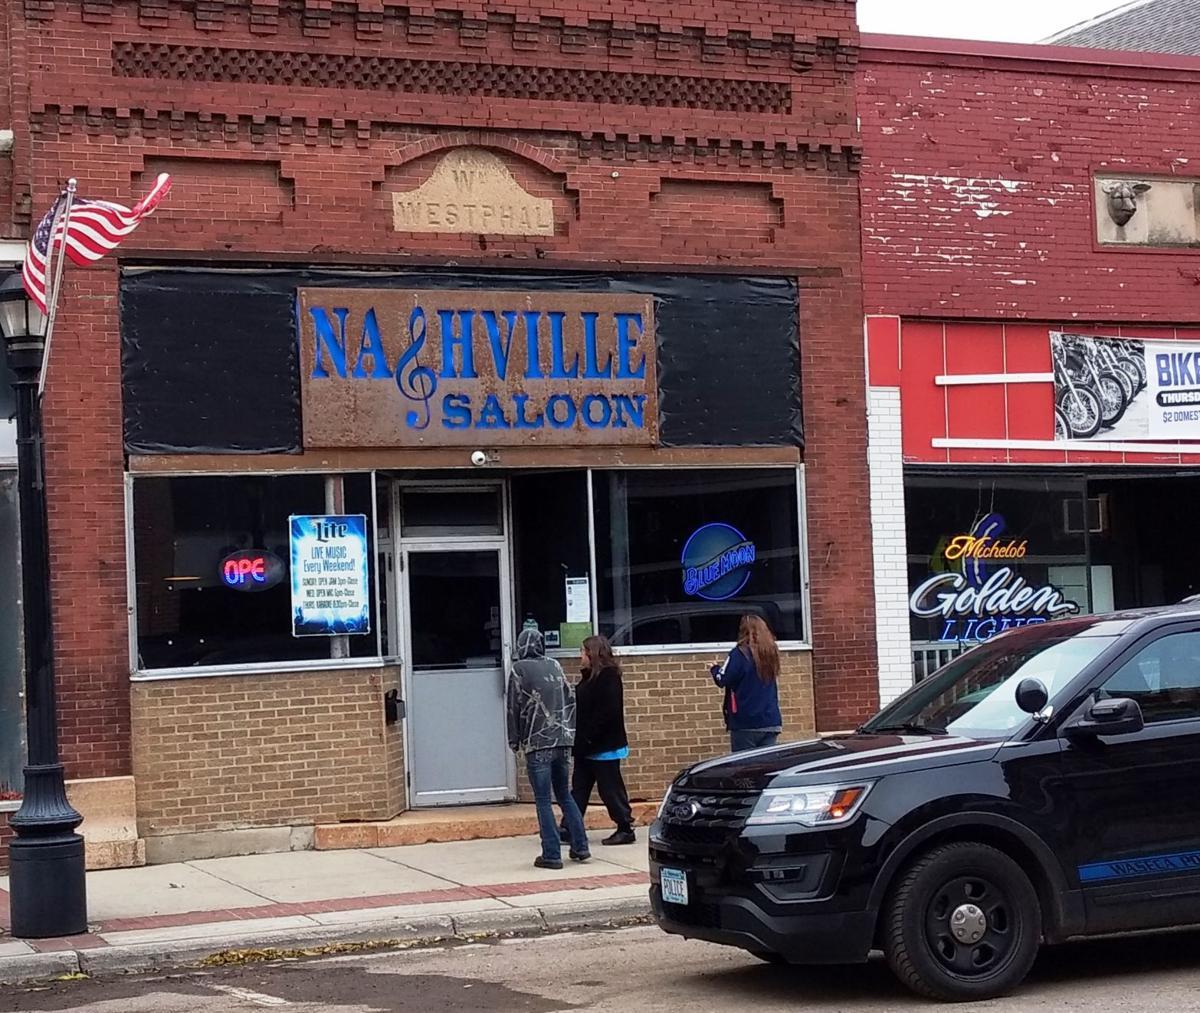 Nashville Saloon, Waseca